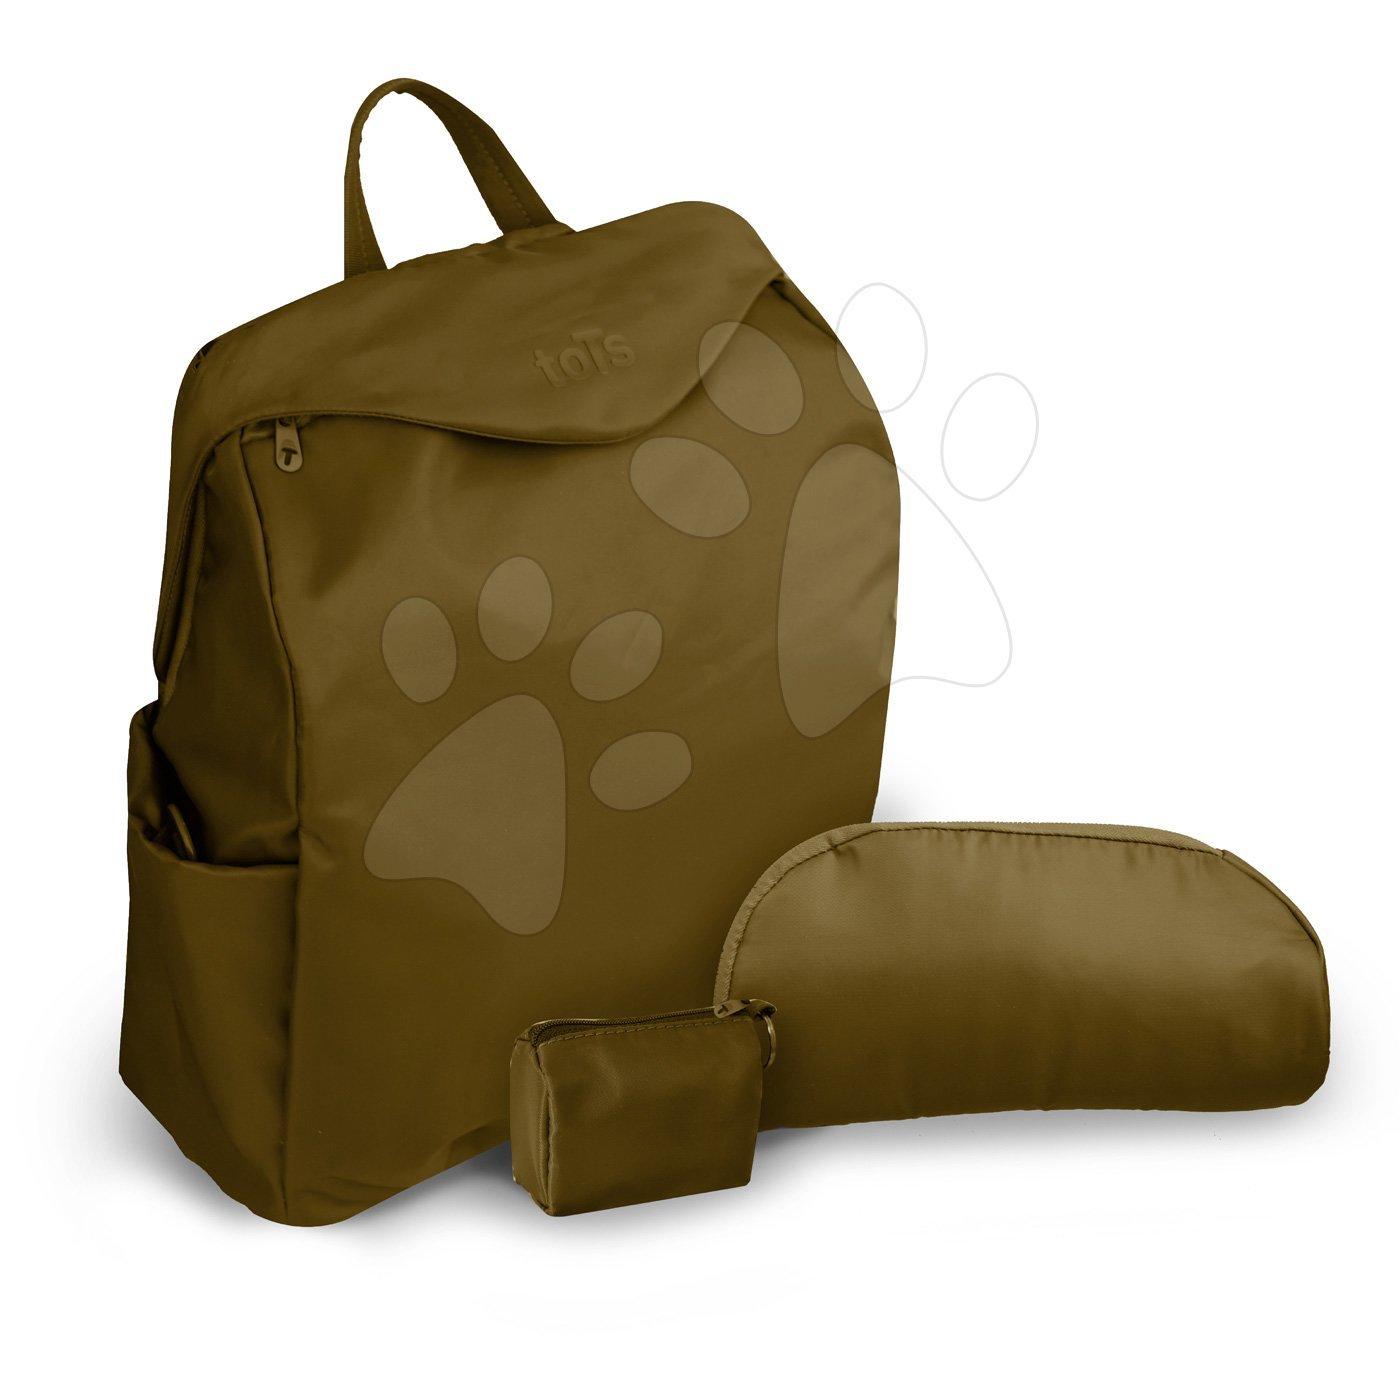 Previjalna torba toTs-smarTrike Posh zelena 3v1 vodoodporna s termoovitkom za stekleničko z dodatki